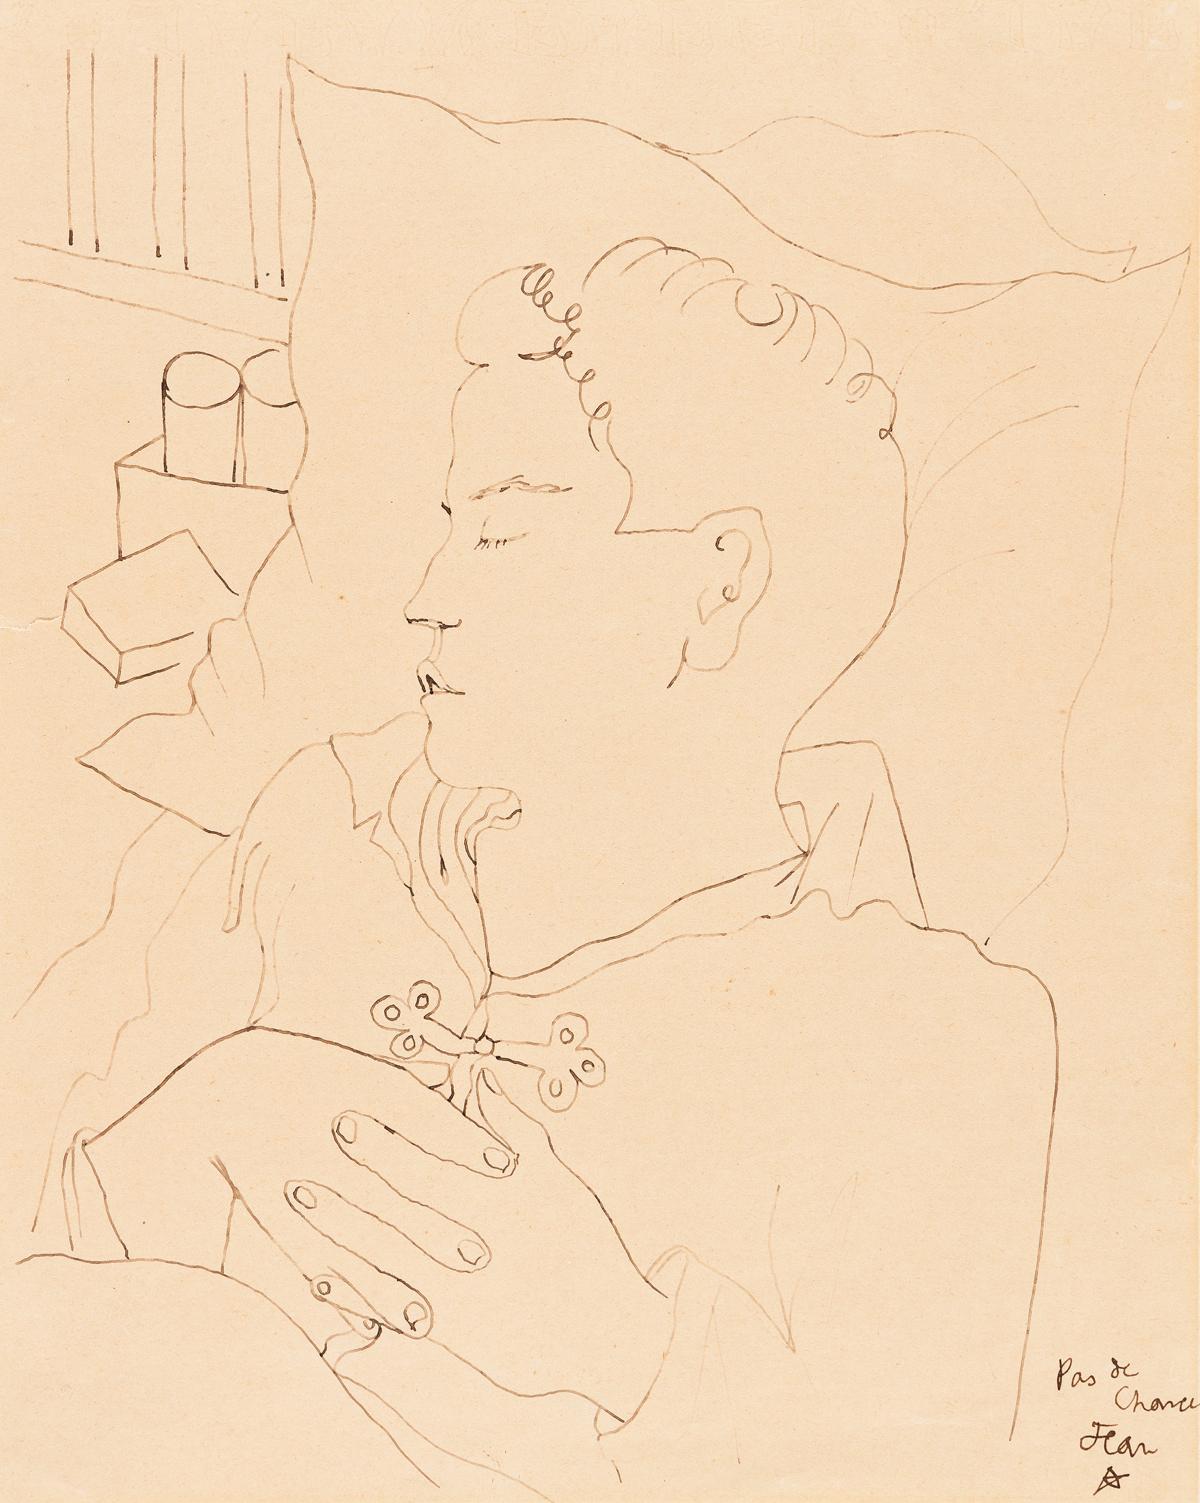 JEAN COCTEAU (1899-1963) Pas de Chance.